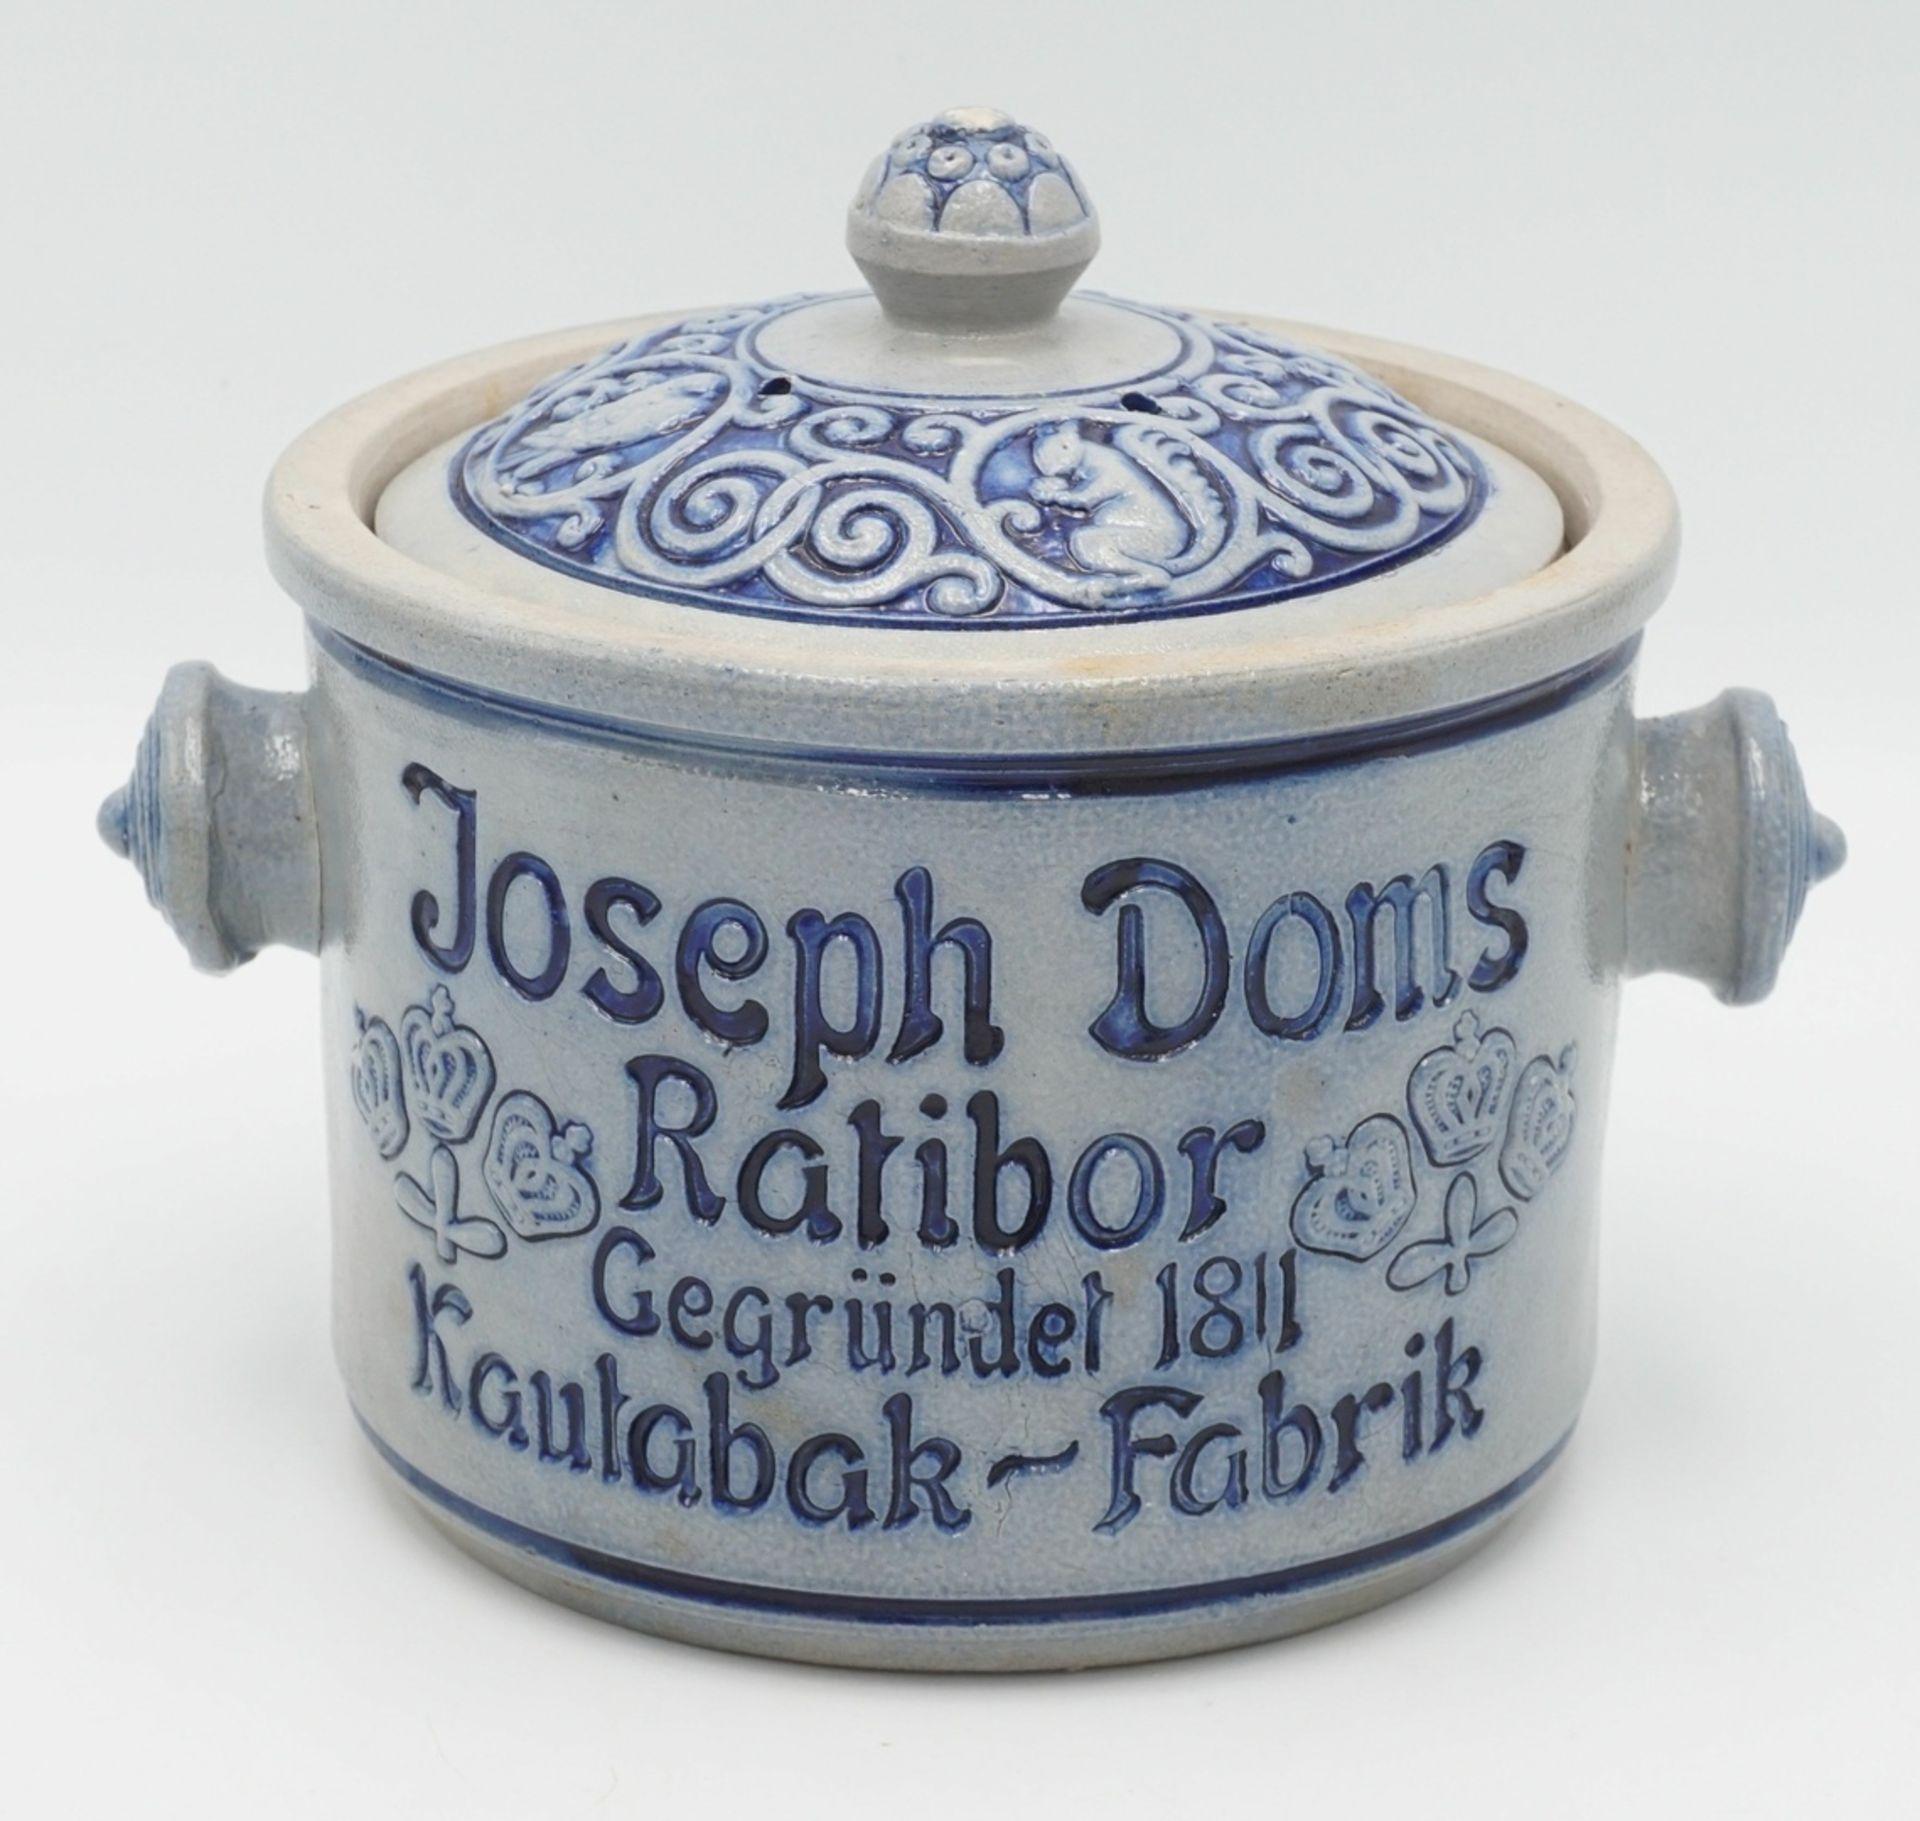 Joseph Doms Ratibor Kautabaktopf